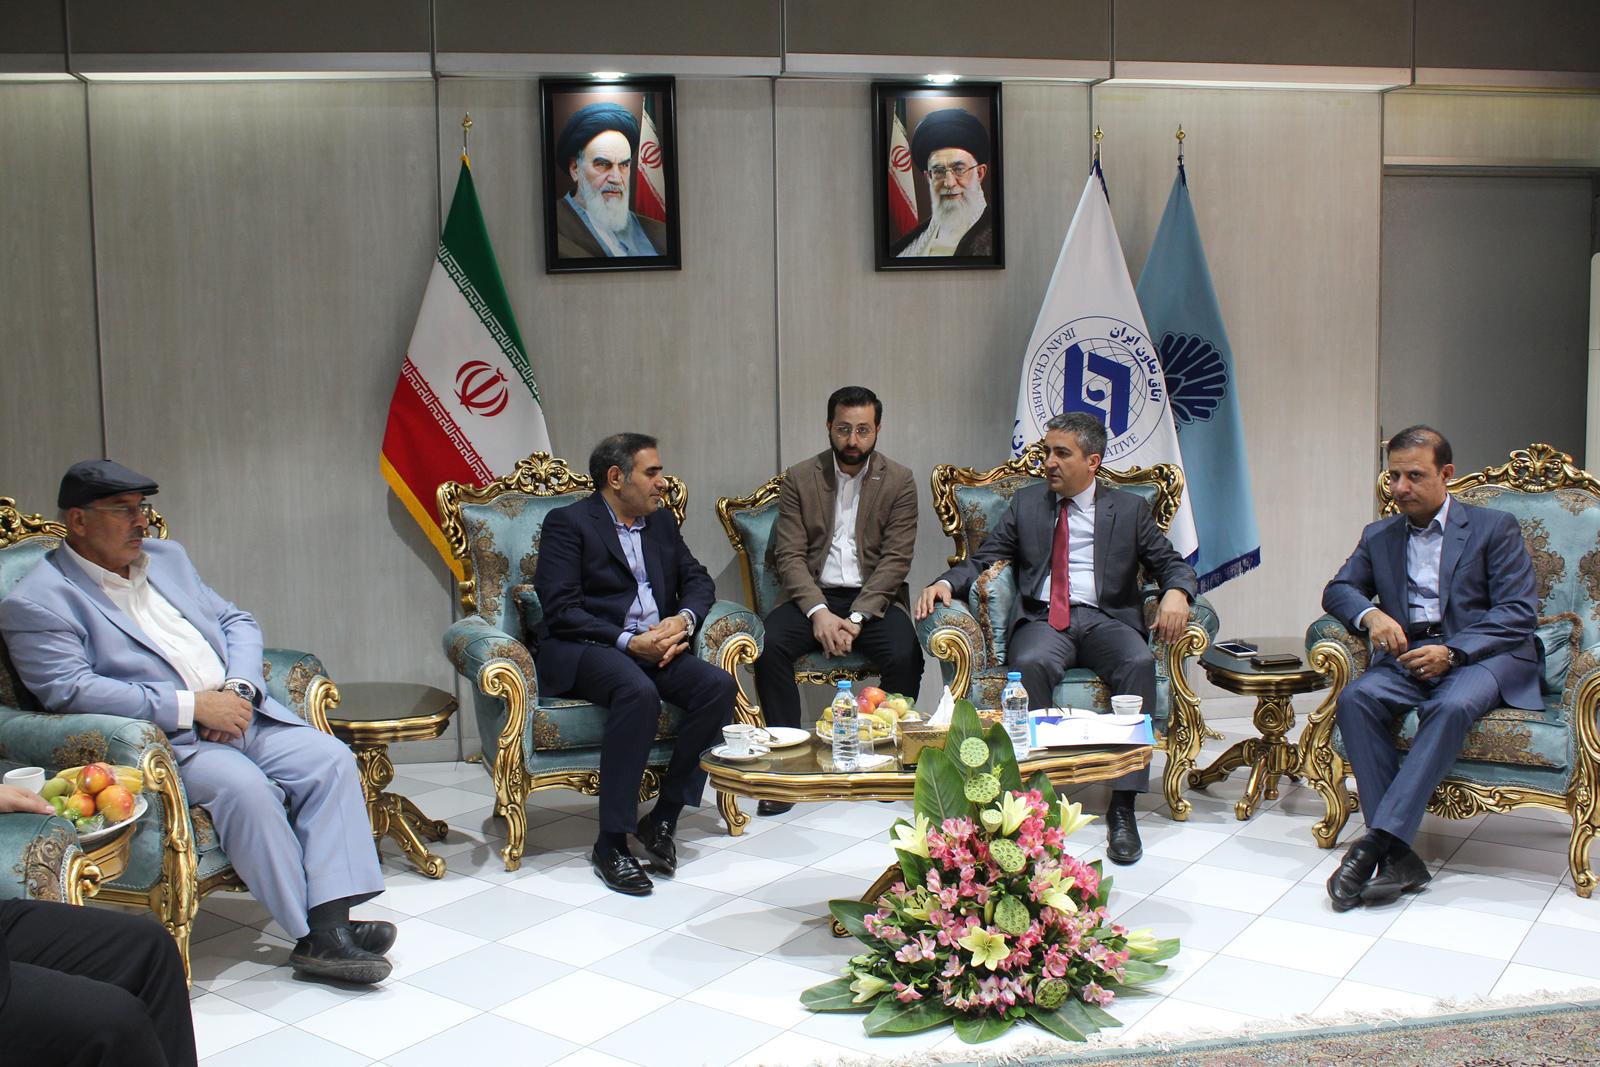 International construction fair and Taavvun forum - Teheran- IRAN